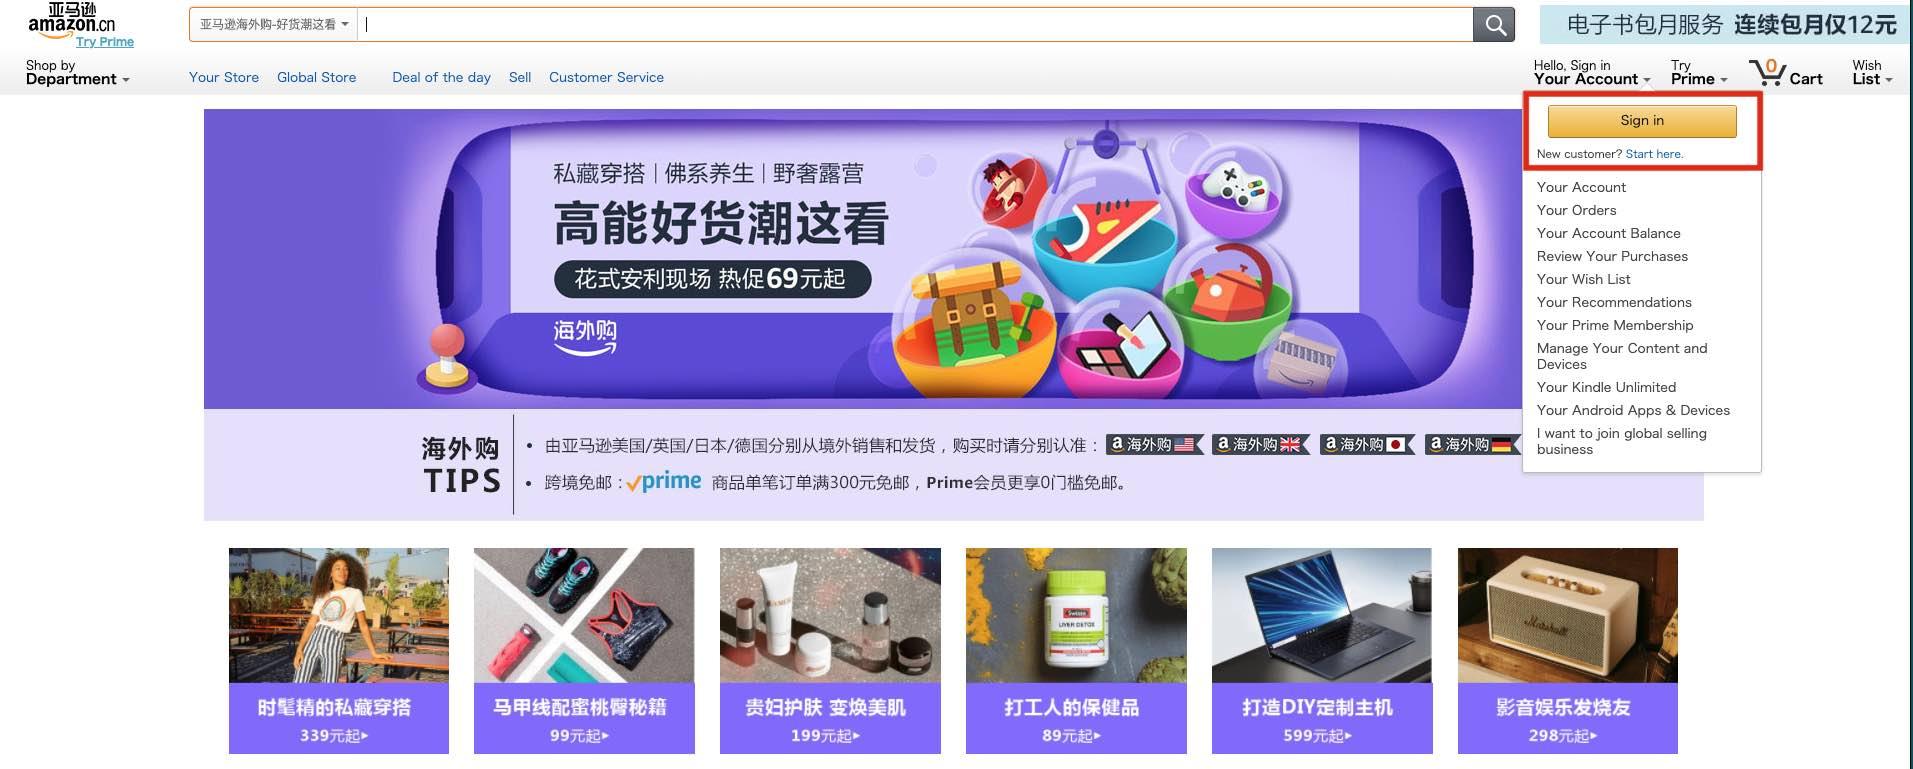 Bei Amazon China bestellen Registrierung